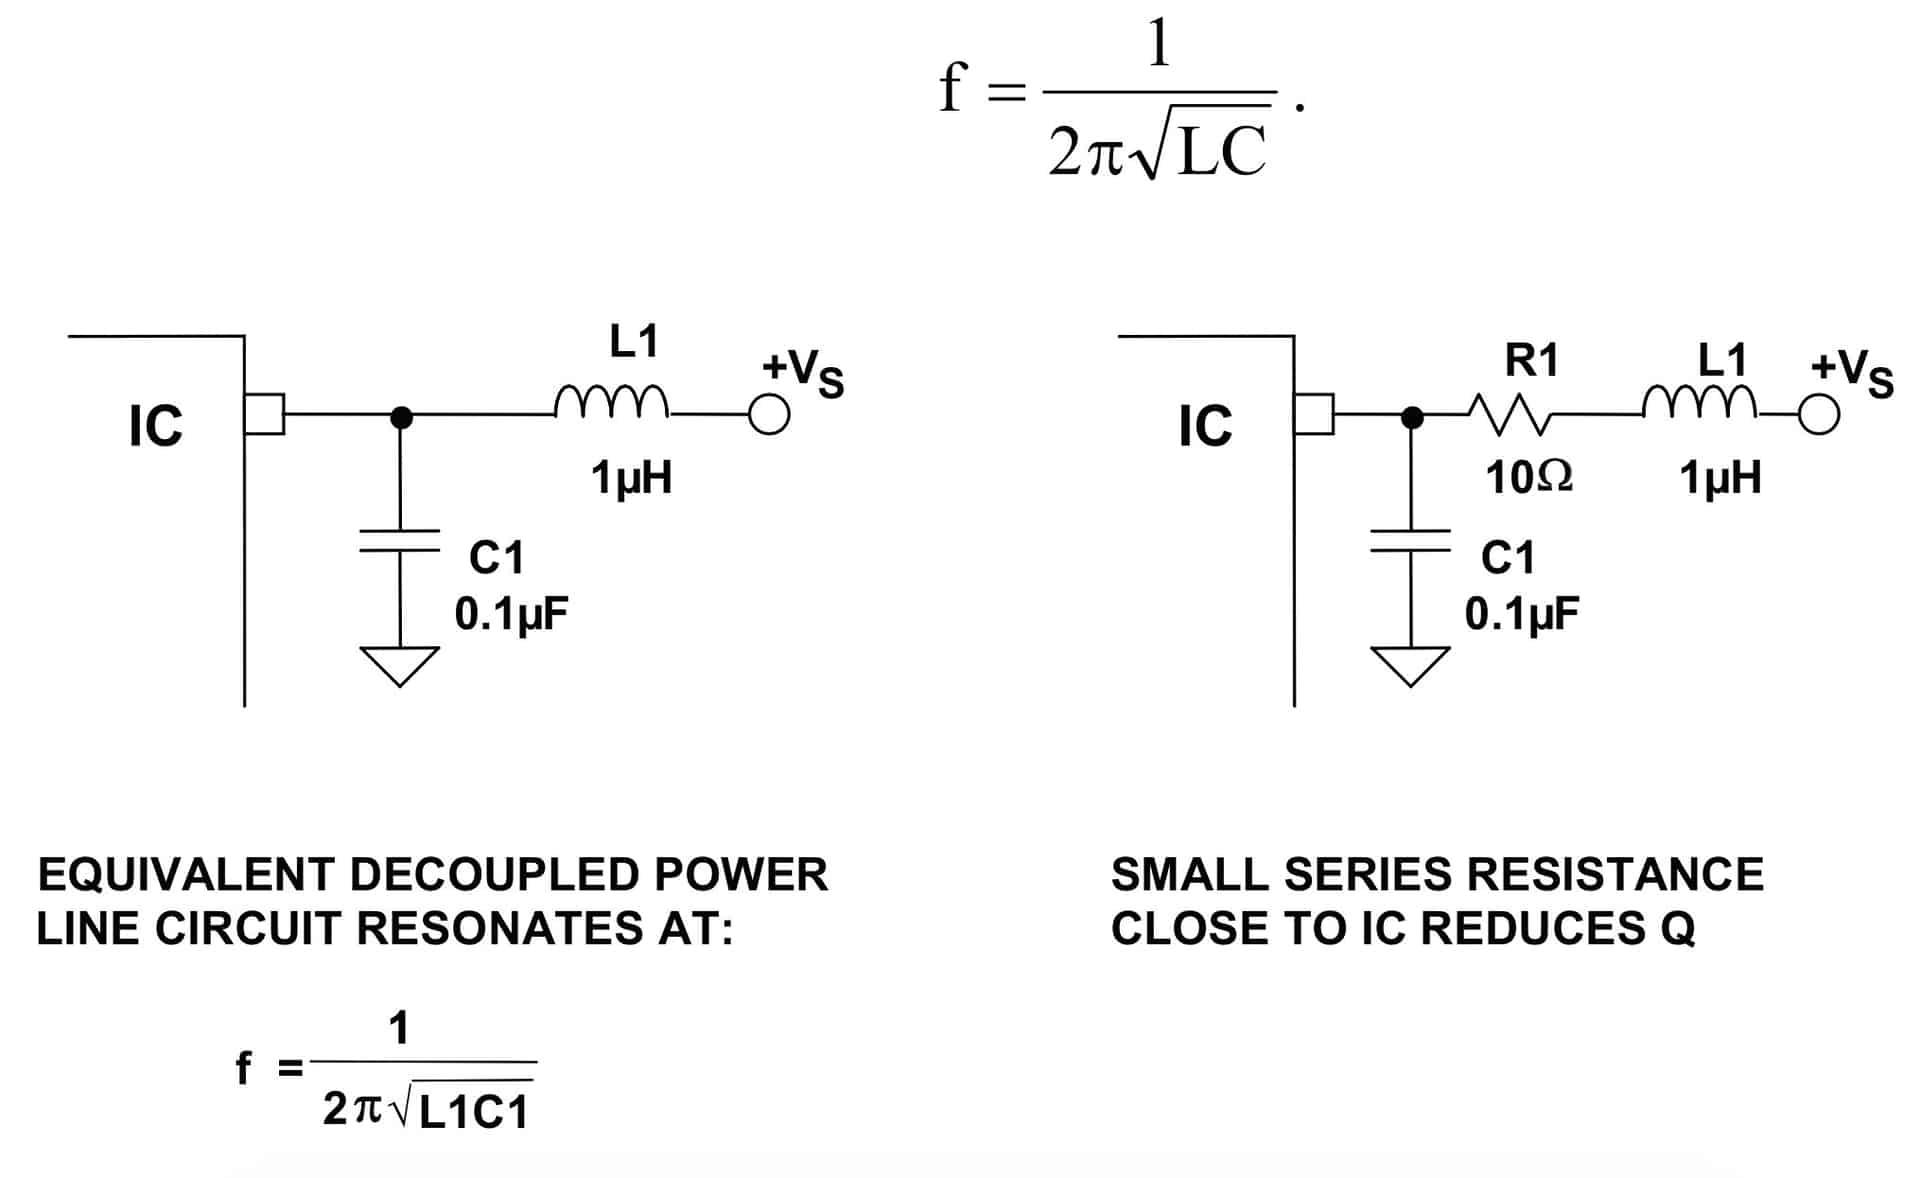 图7:由电源线路去耦构成的谐振电路